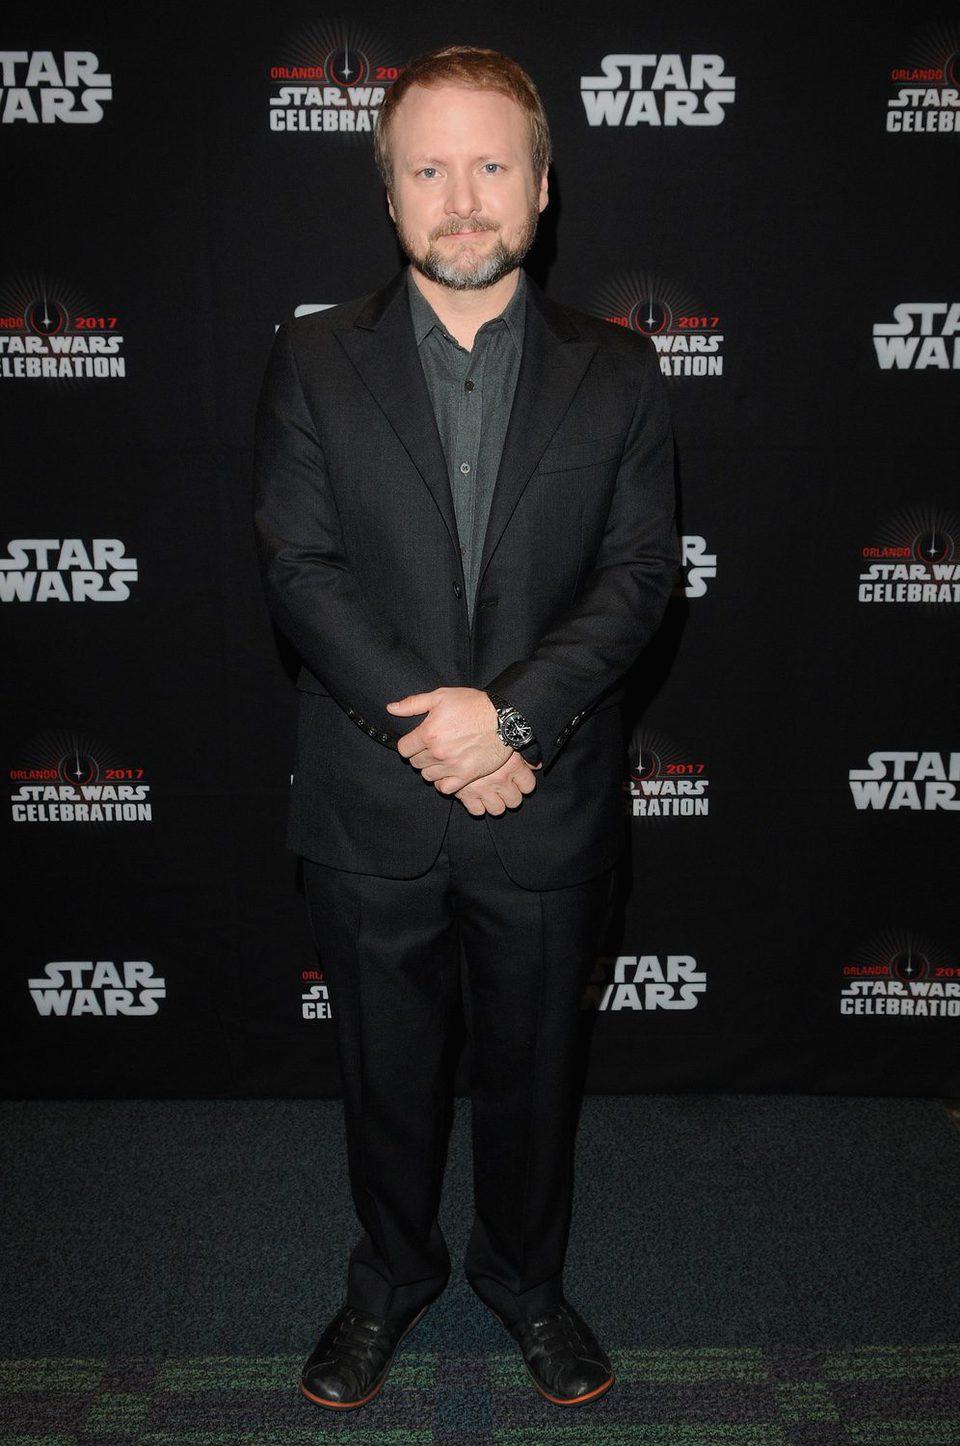 El director de 'Los últimos Jedi', Ryan Johnson, posa en la Star Wars Celebration